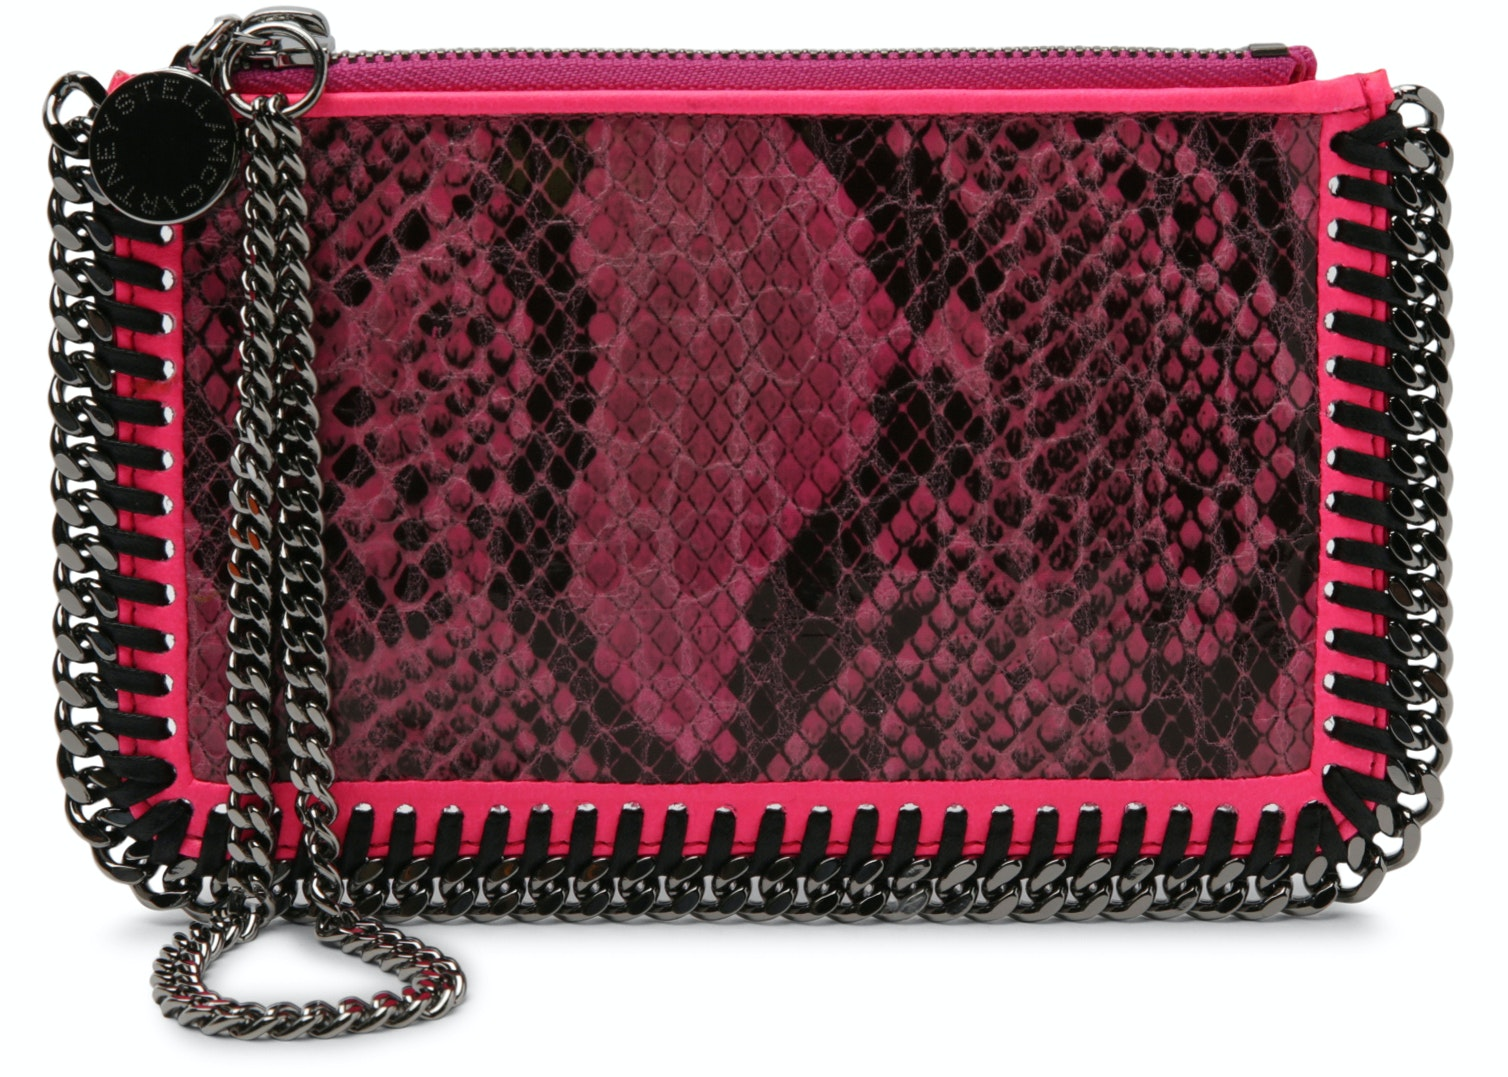 Stella McCartney Falabella Clutch Faux Python Mini Pink